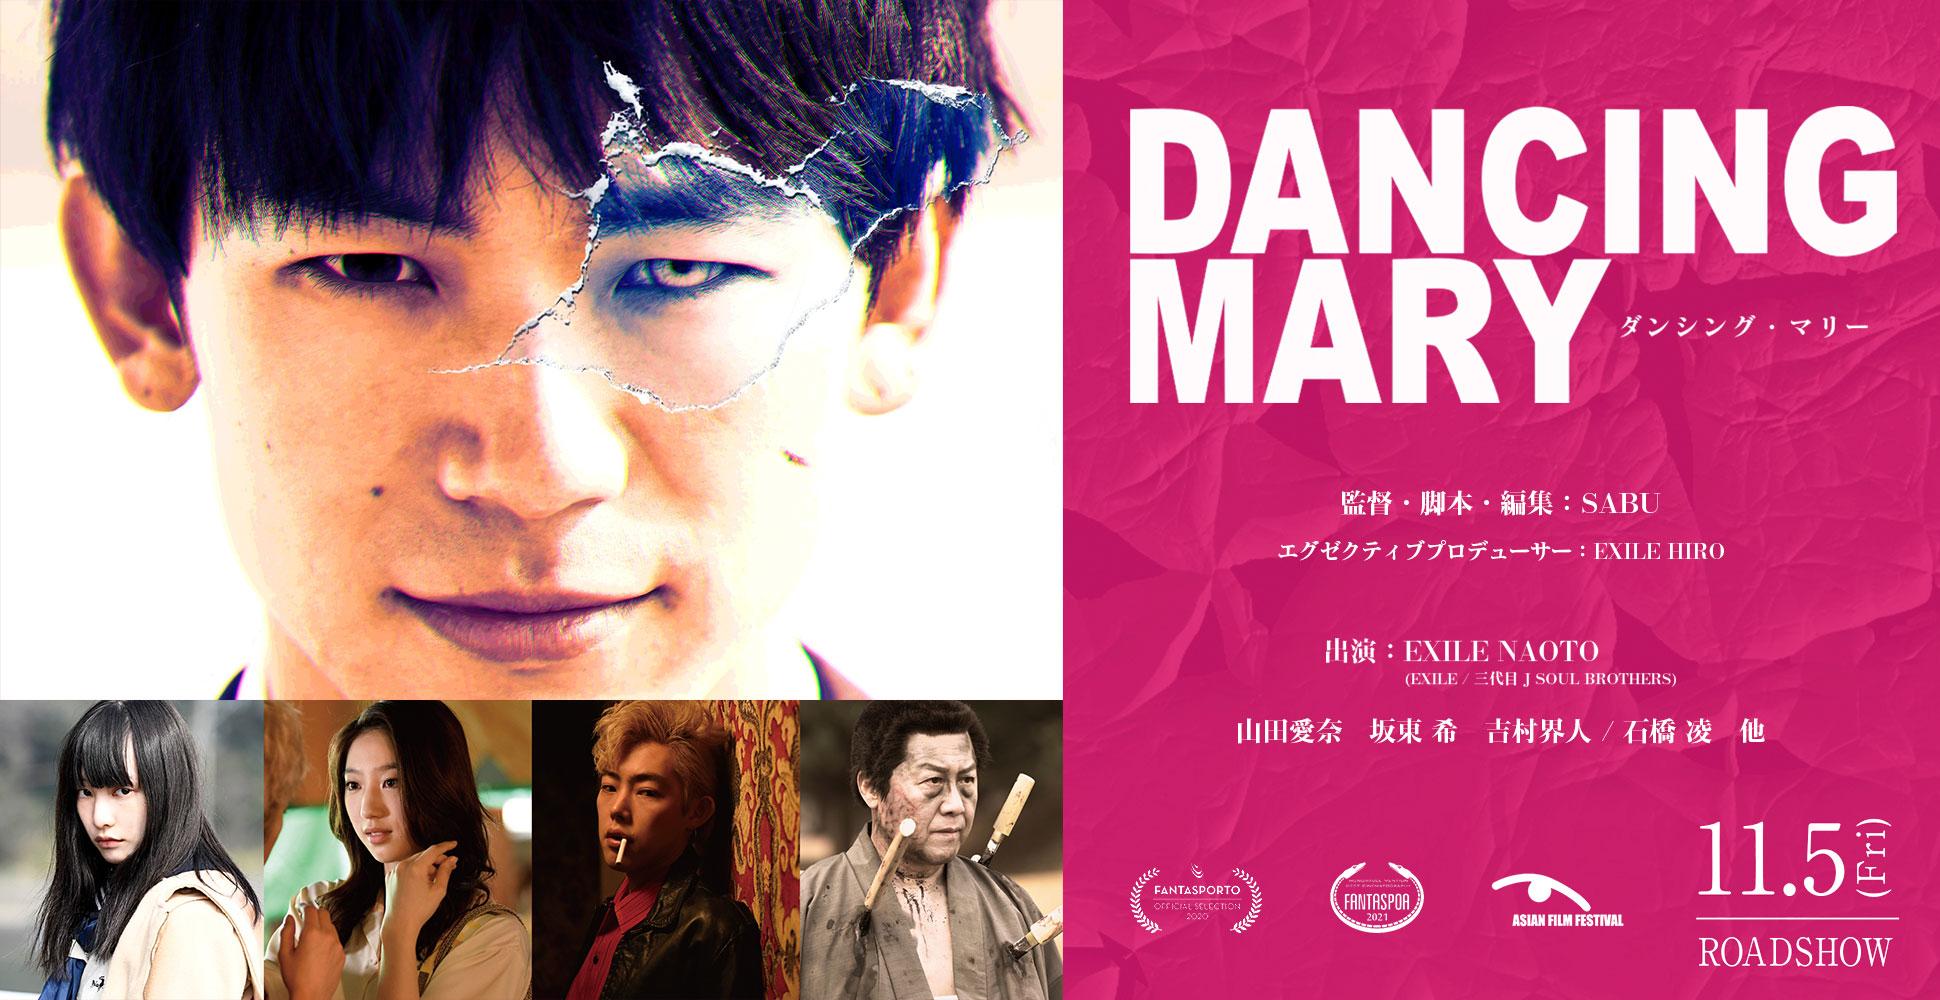 DANCING MARY ダンシング・マリー